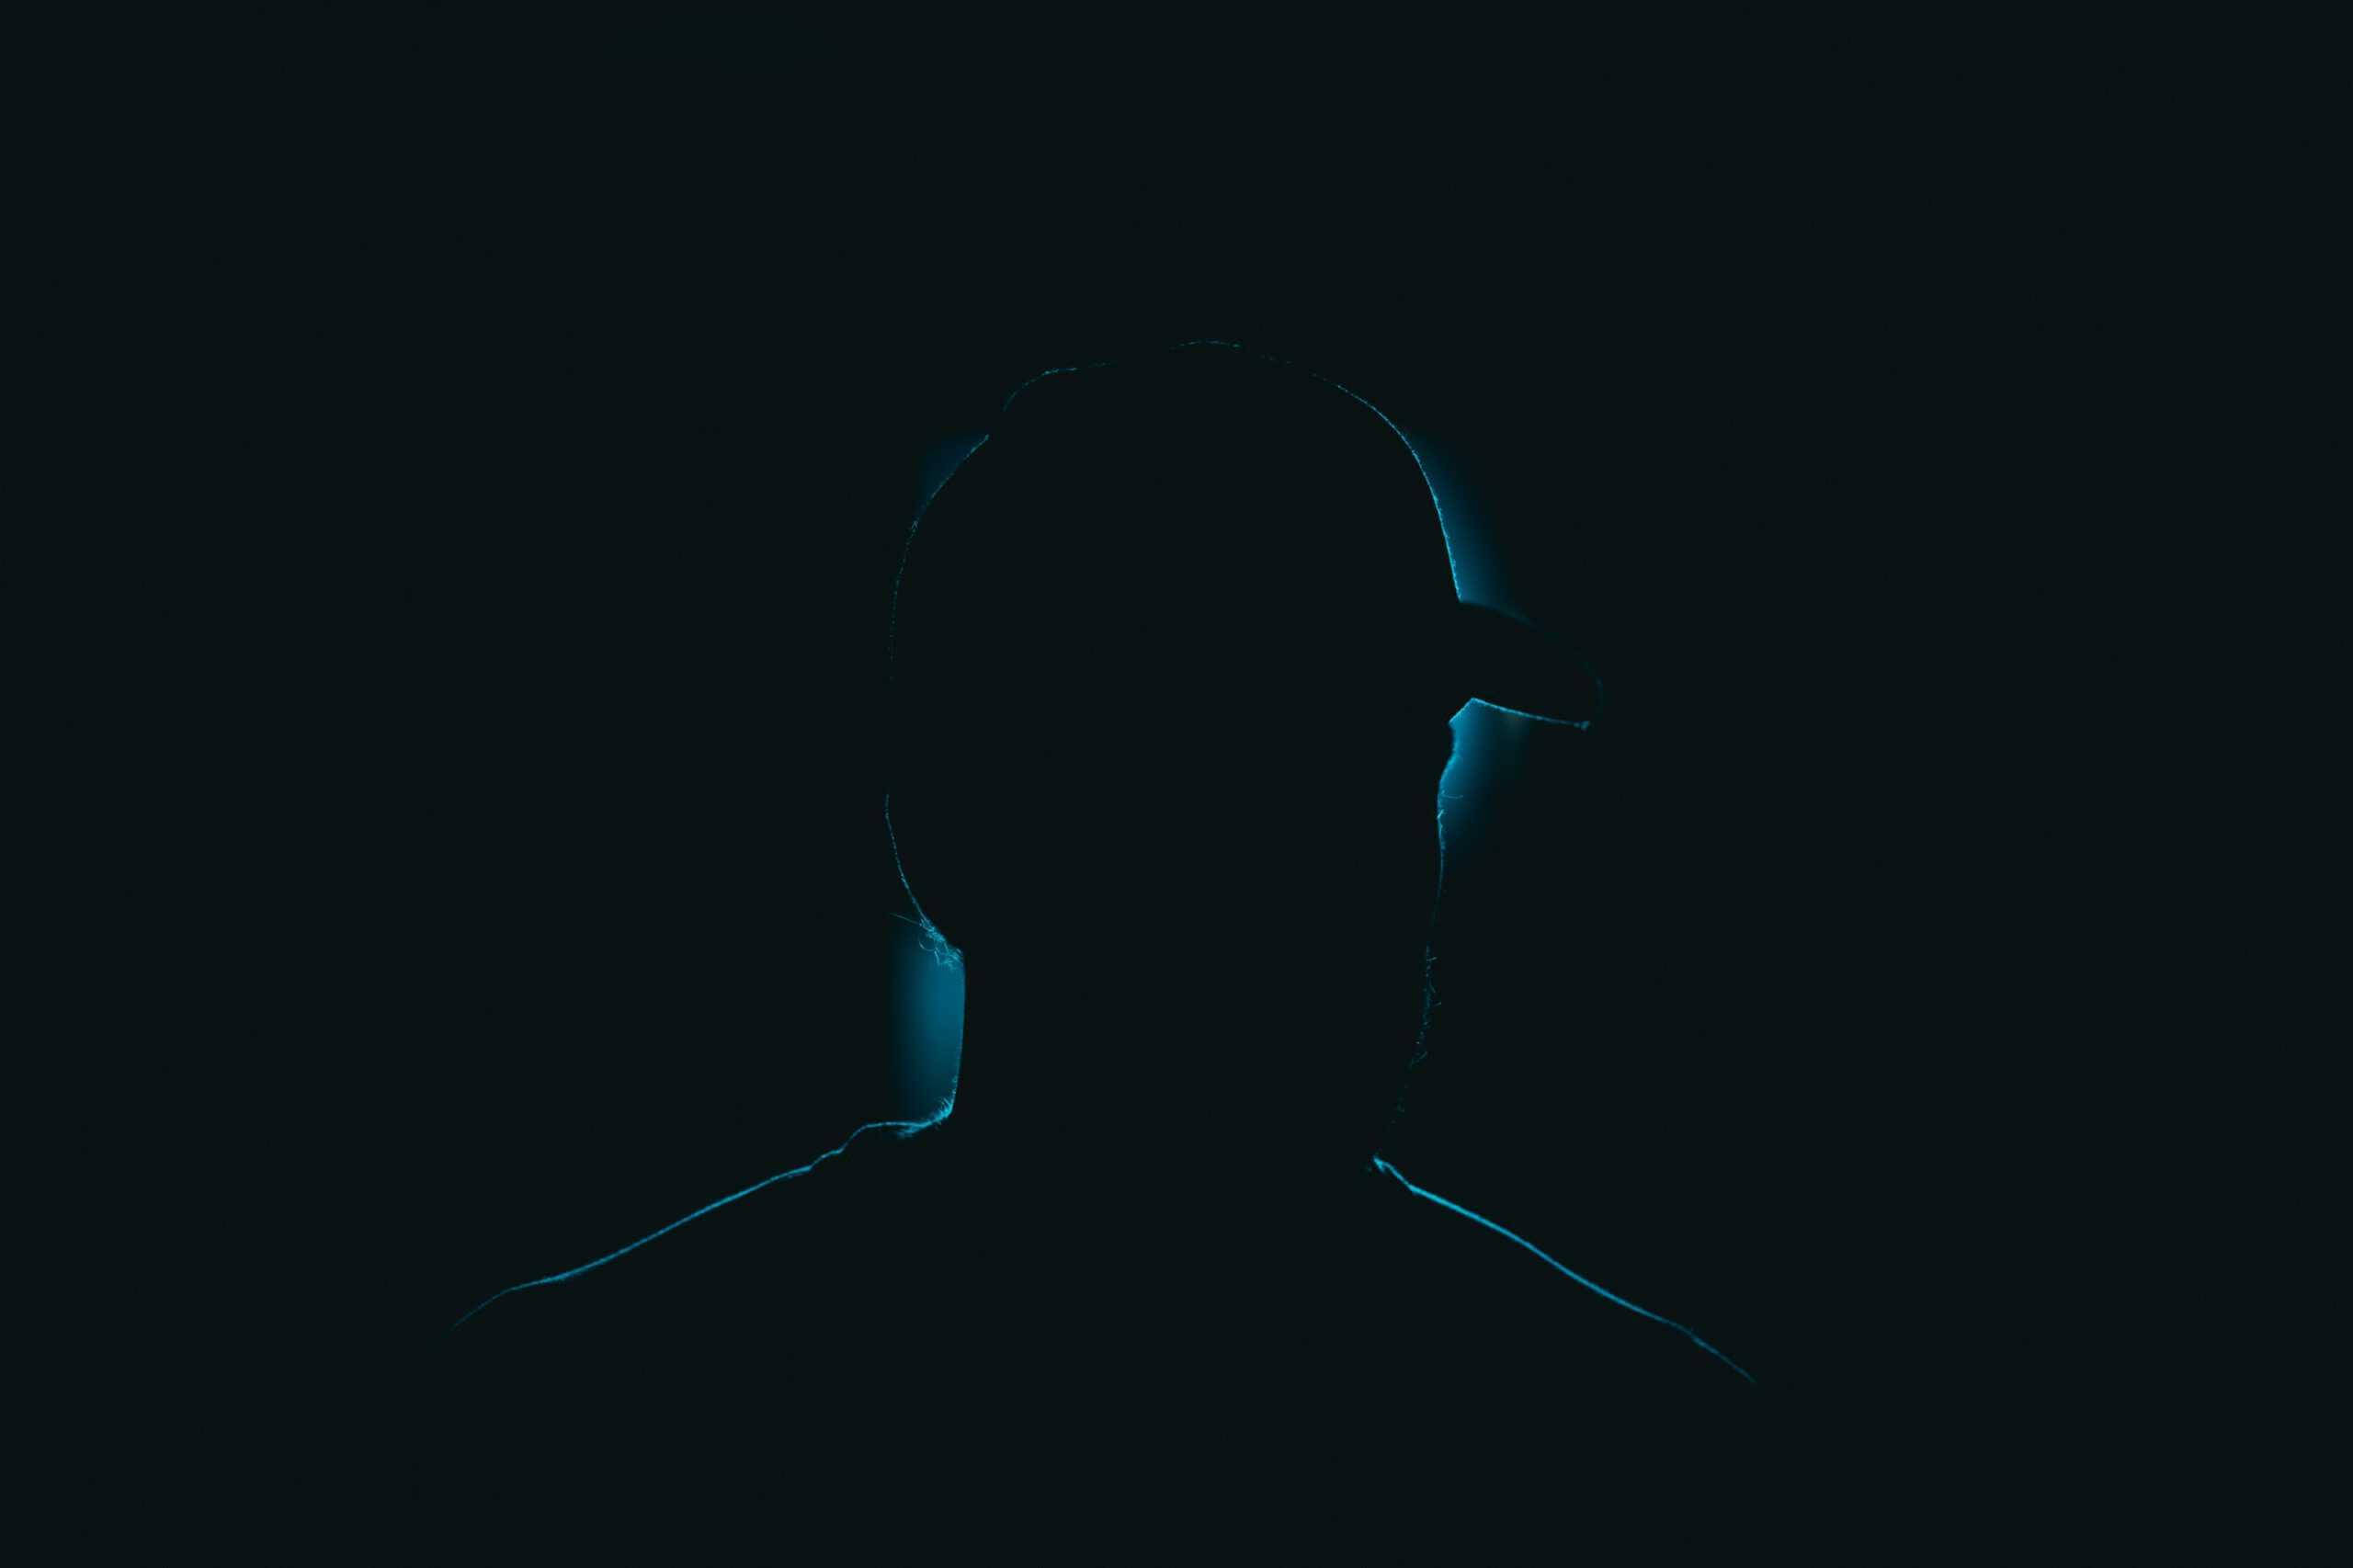 Titelbild zum Thema Dark UX - Es zeigt die dunkle silhoutte eines Mannes